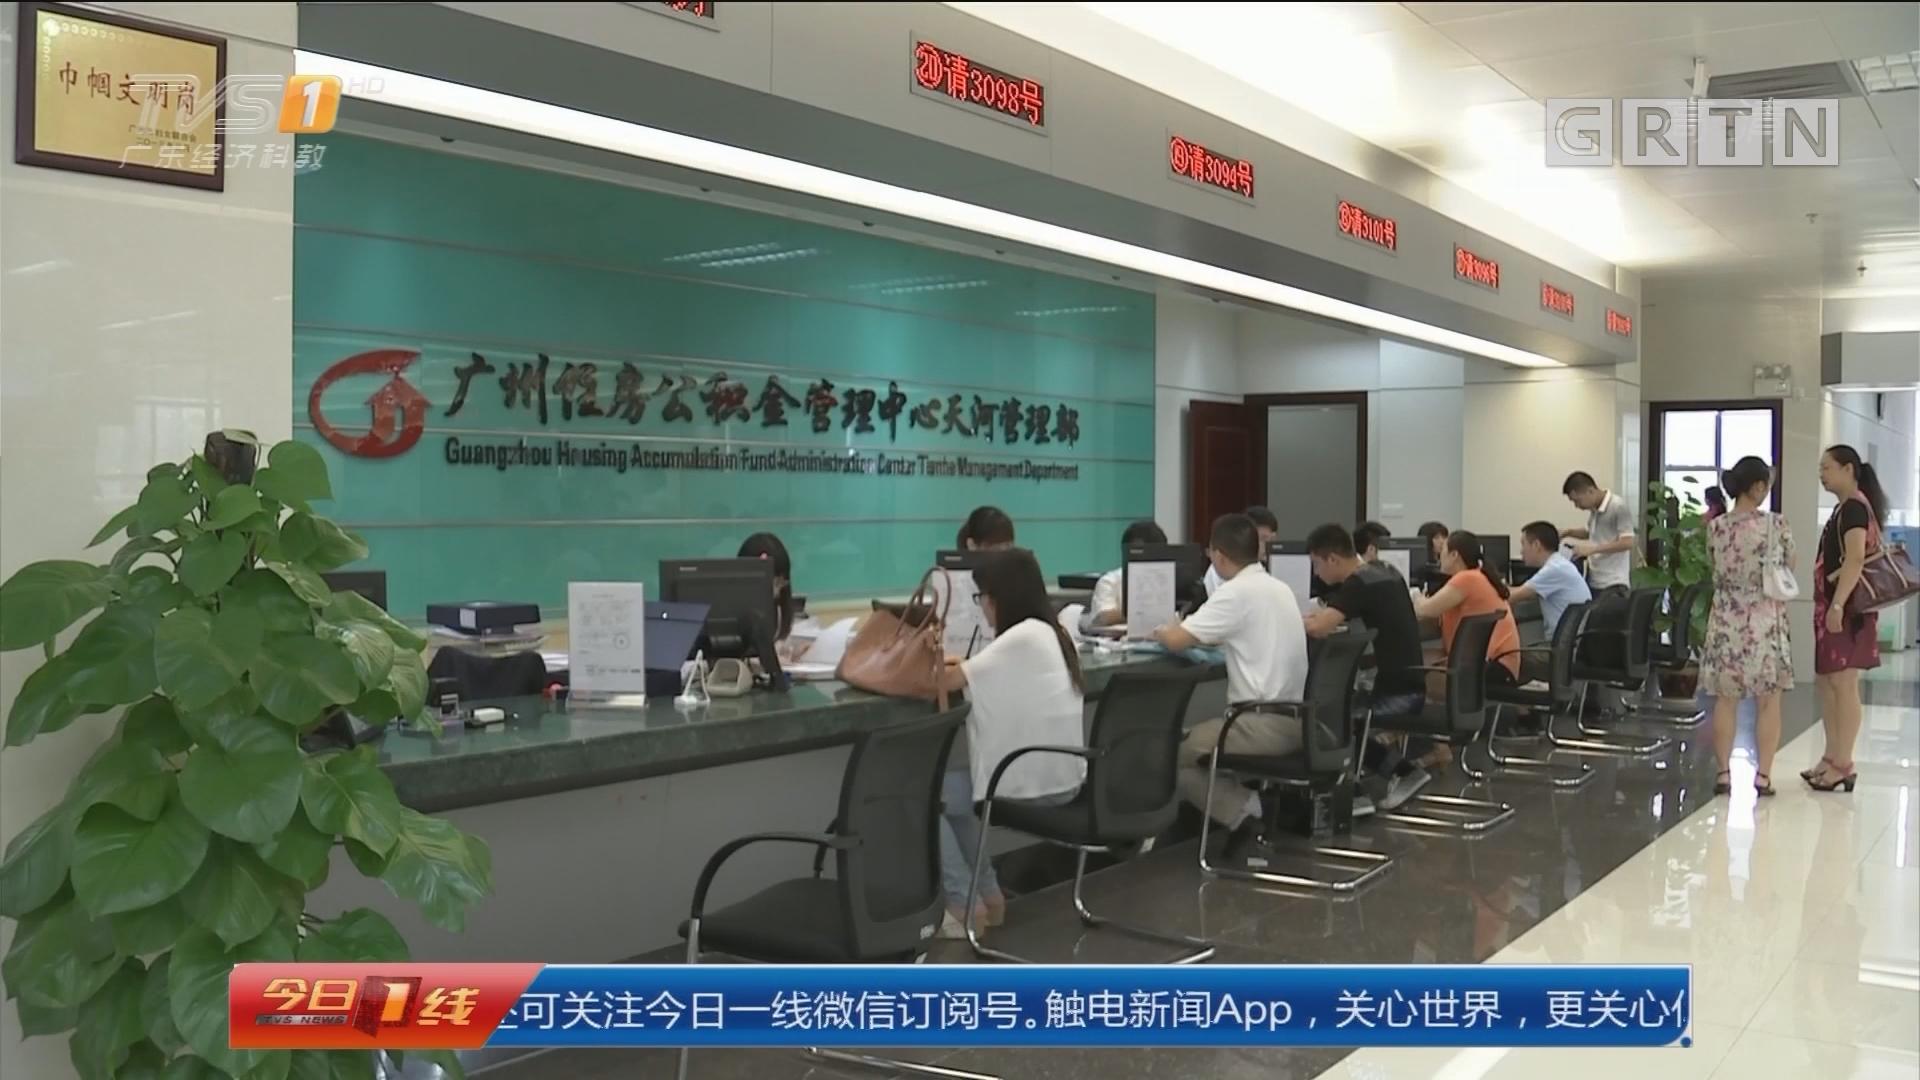 公积金新政发布:无需单位 广州个人也能自缴存公积金!